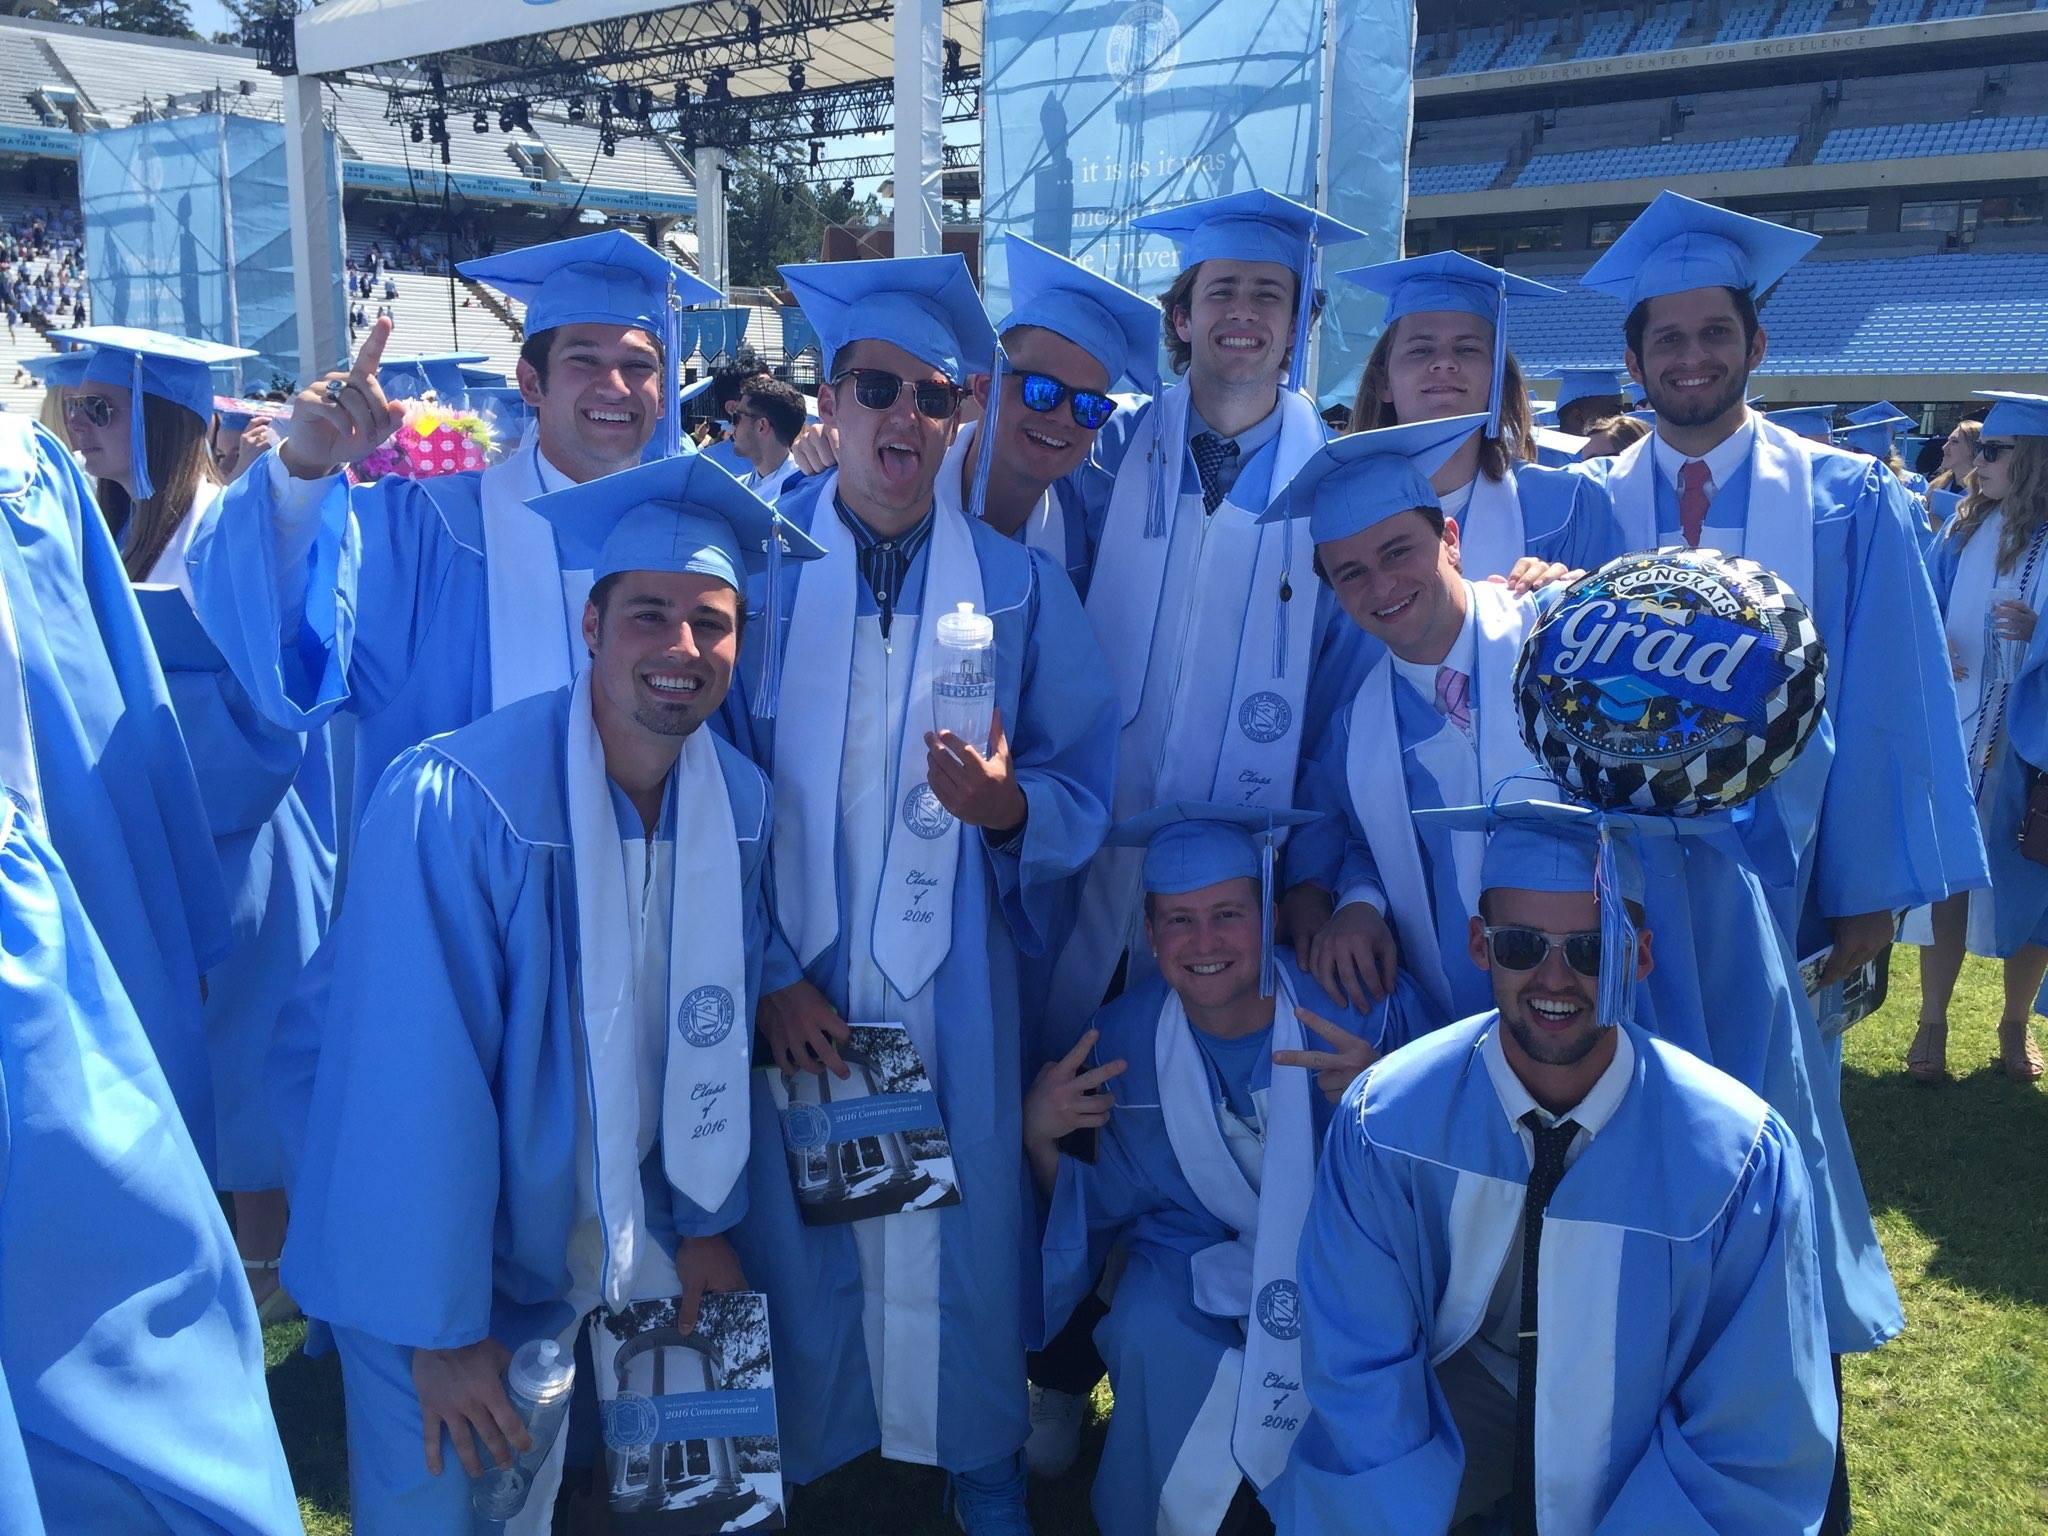 The crew.